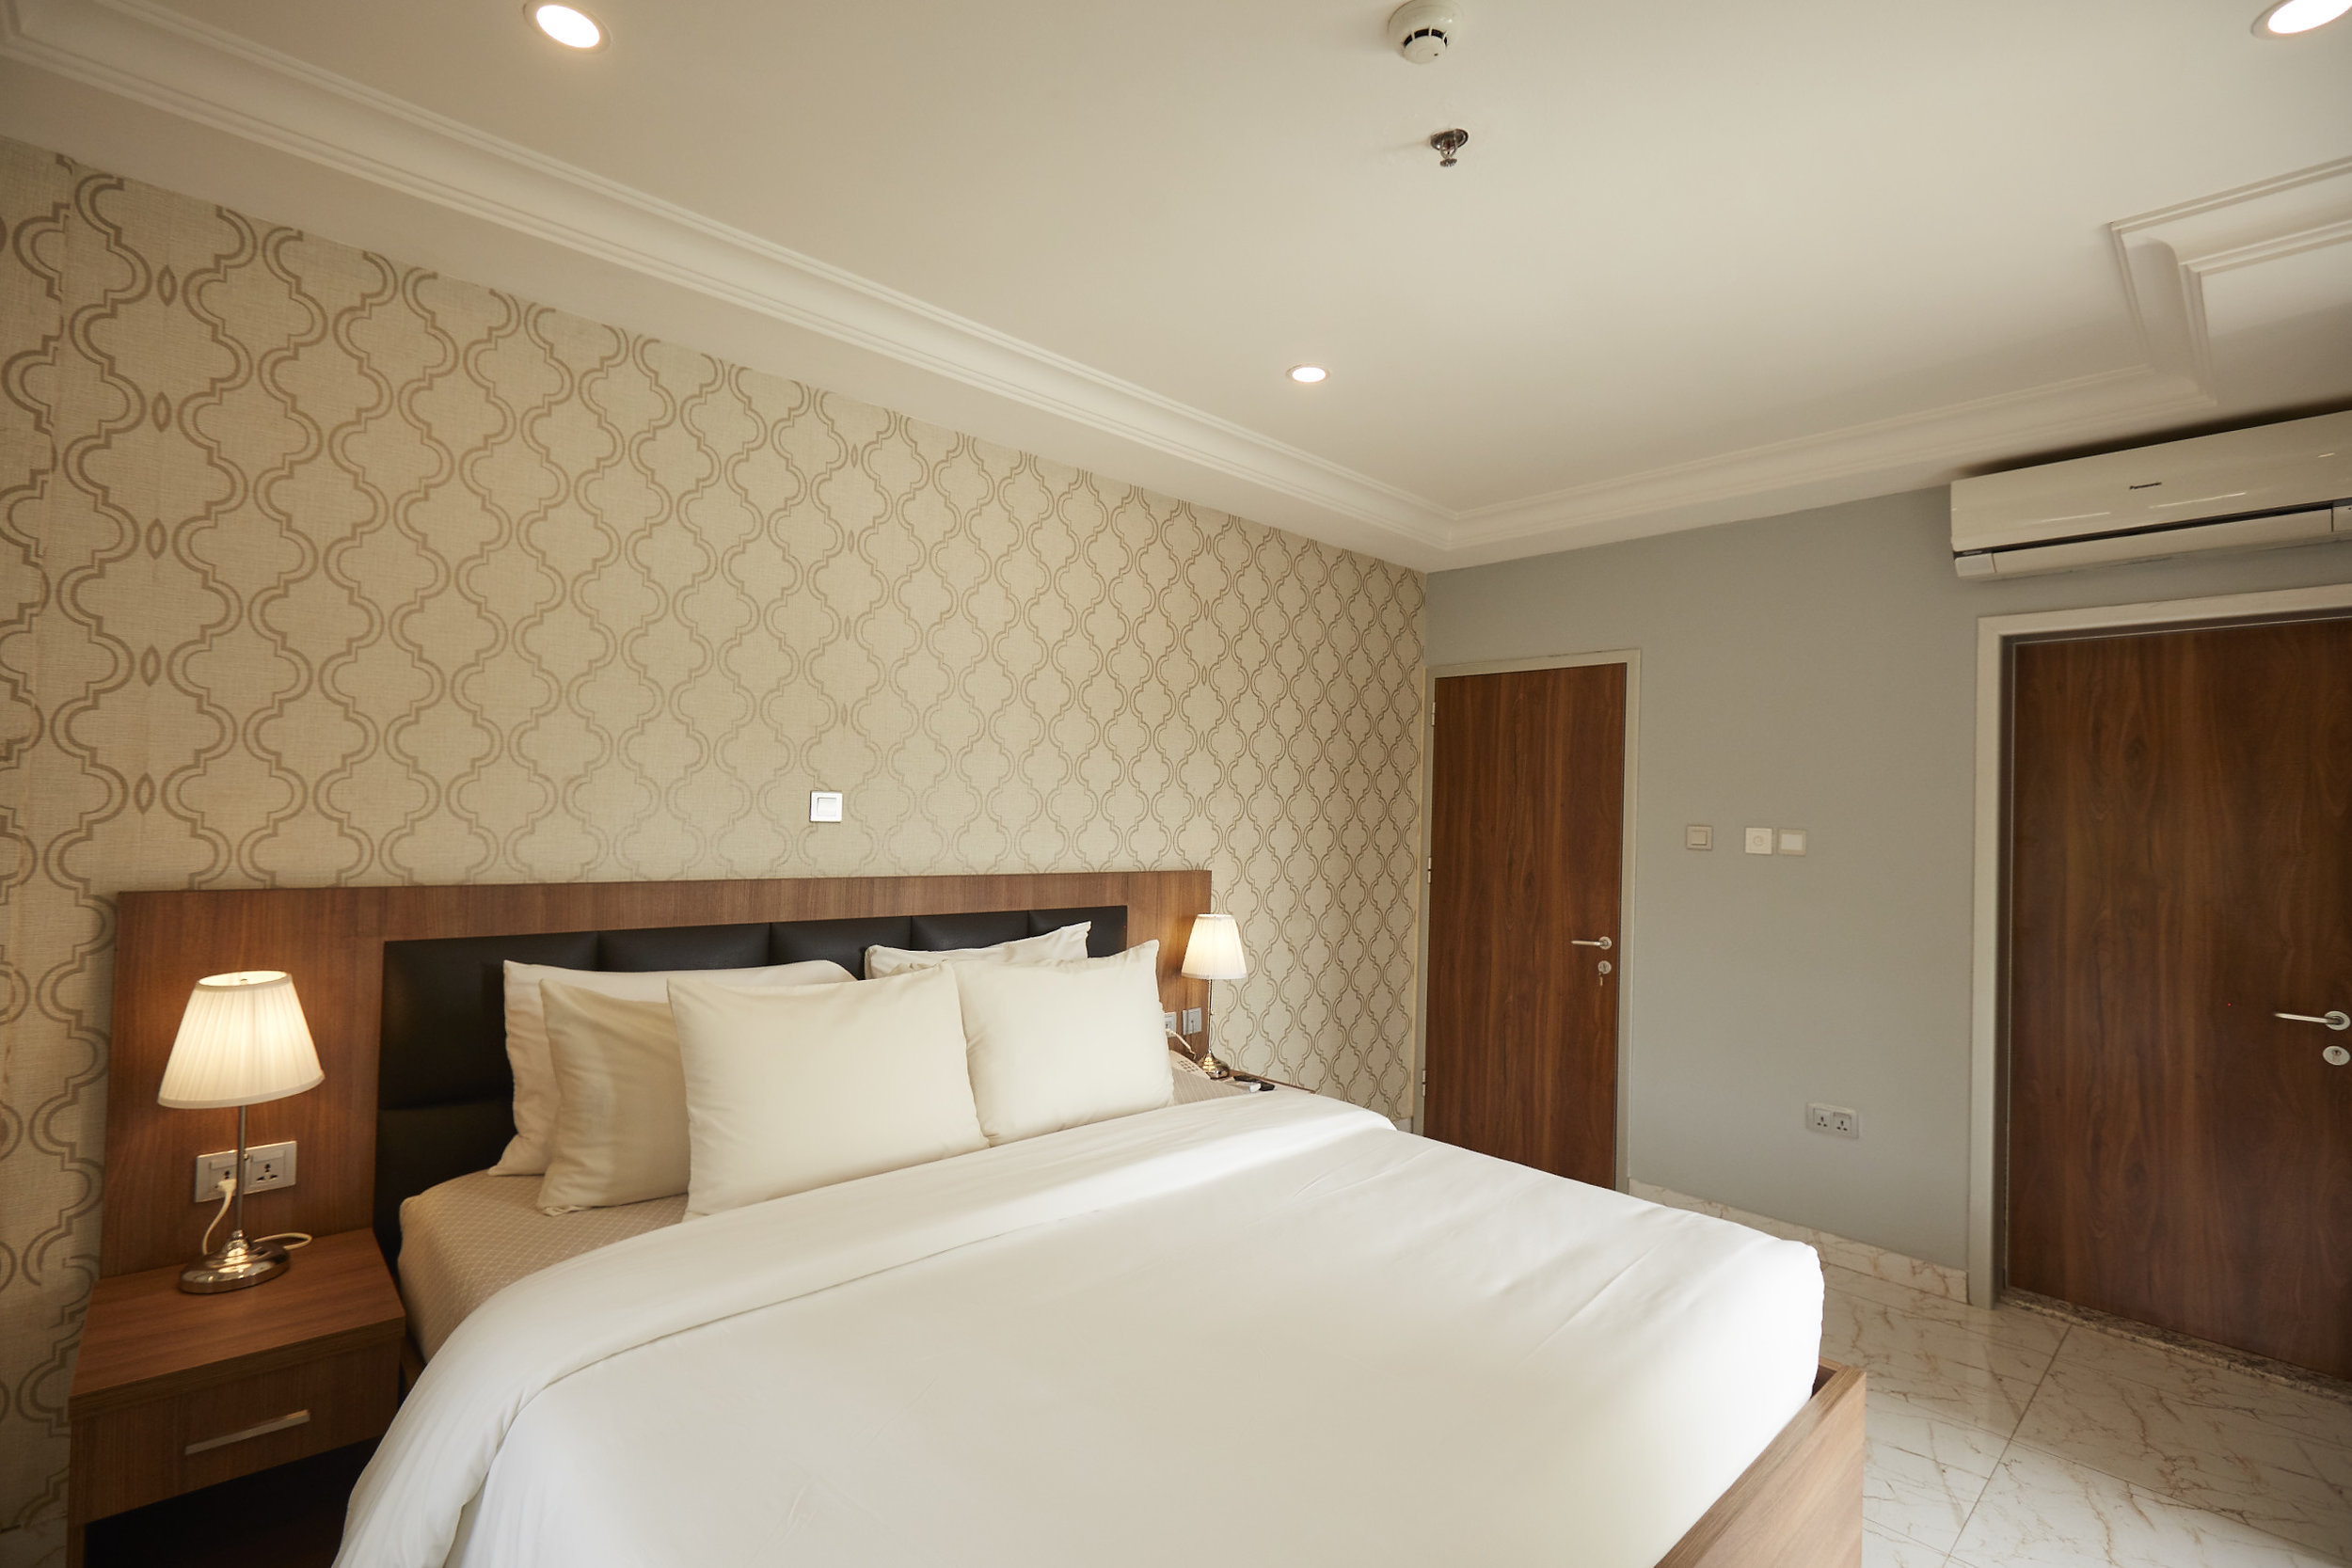 2 Bed Exec Bedroom 4.jpg